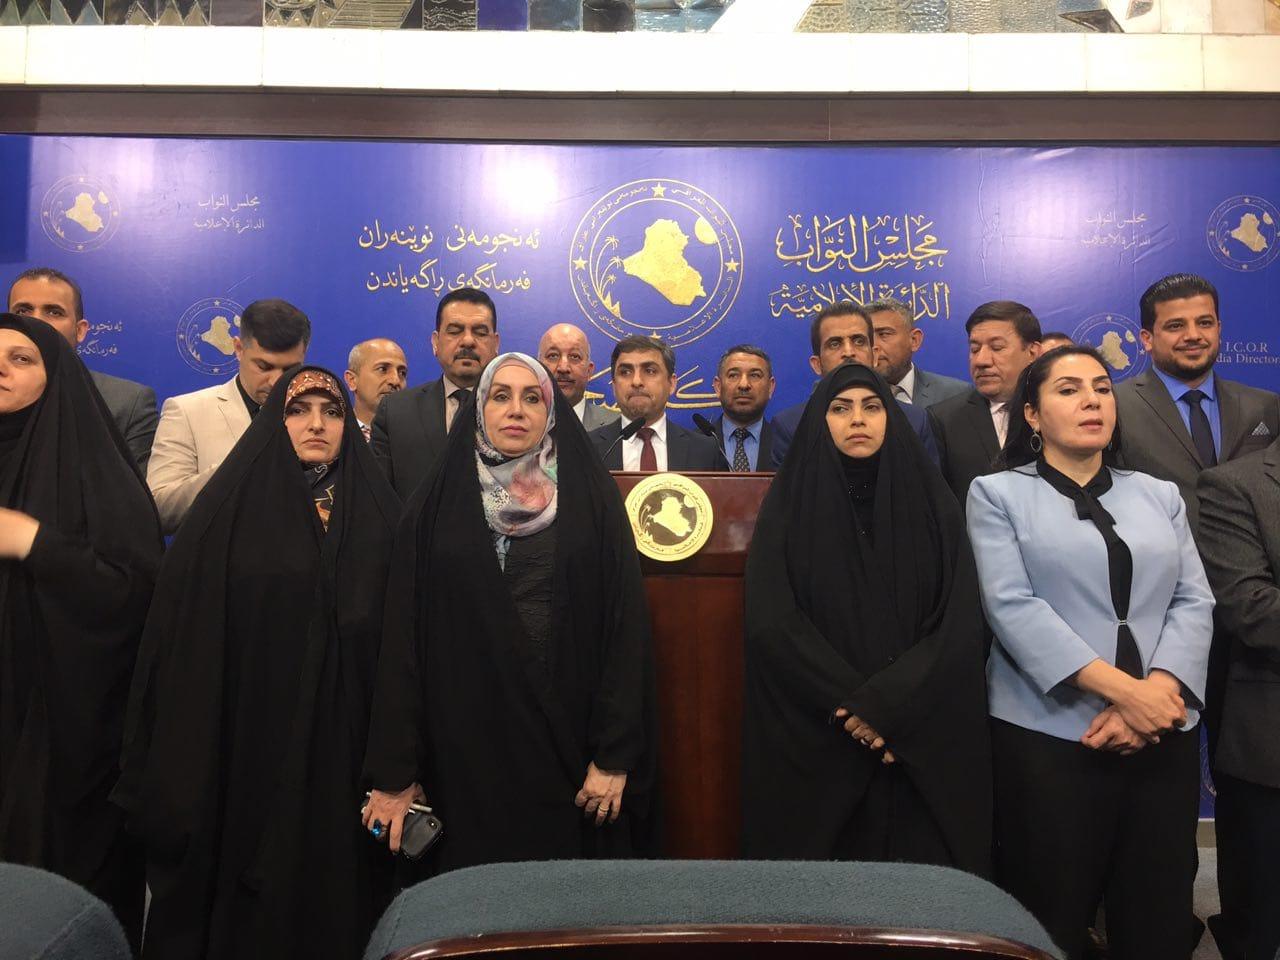 رئيس كتلة تحالف الصدر يتراجع عن قرار استقالته من البرلمان